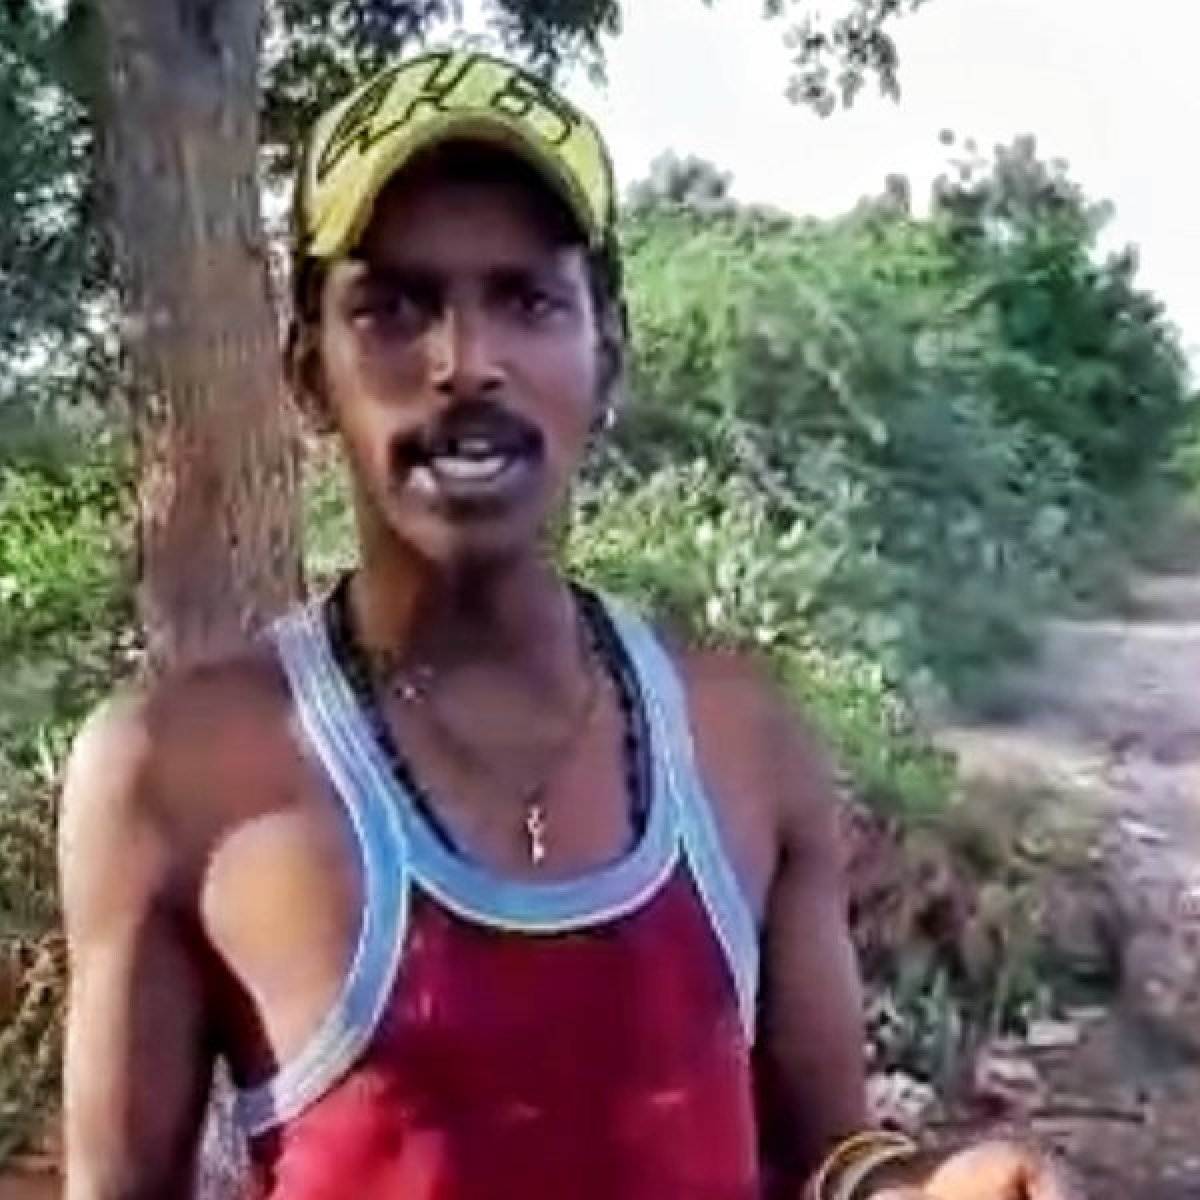 `என்மீது 28 வழக்கு இருக்கு; ஒருவரை கொல்லப்போறேன்!'- போலீஸுக்கு சவால்விடும் கஞ்சா வியாபாரி